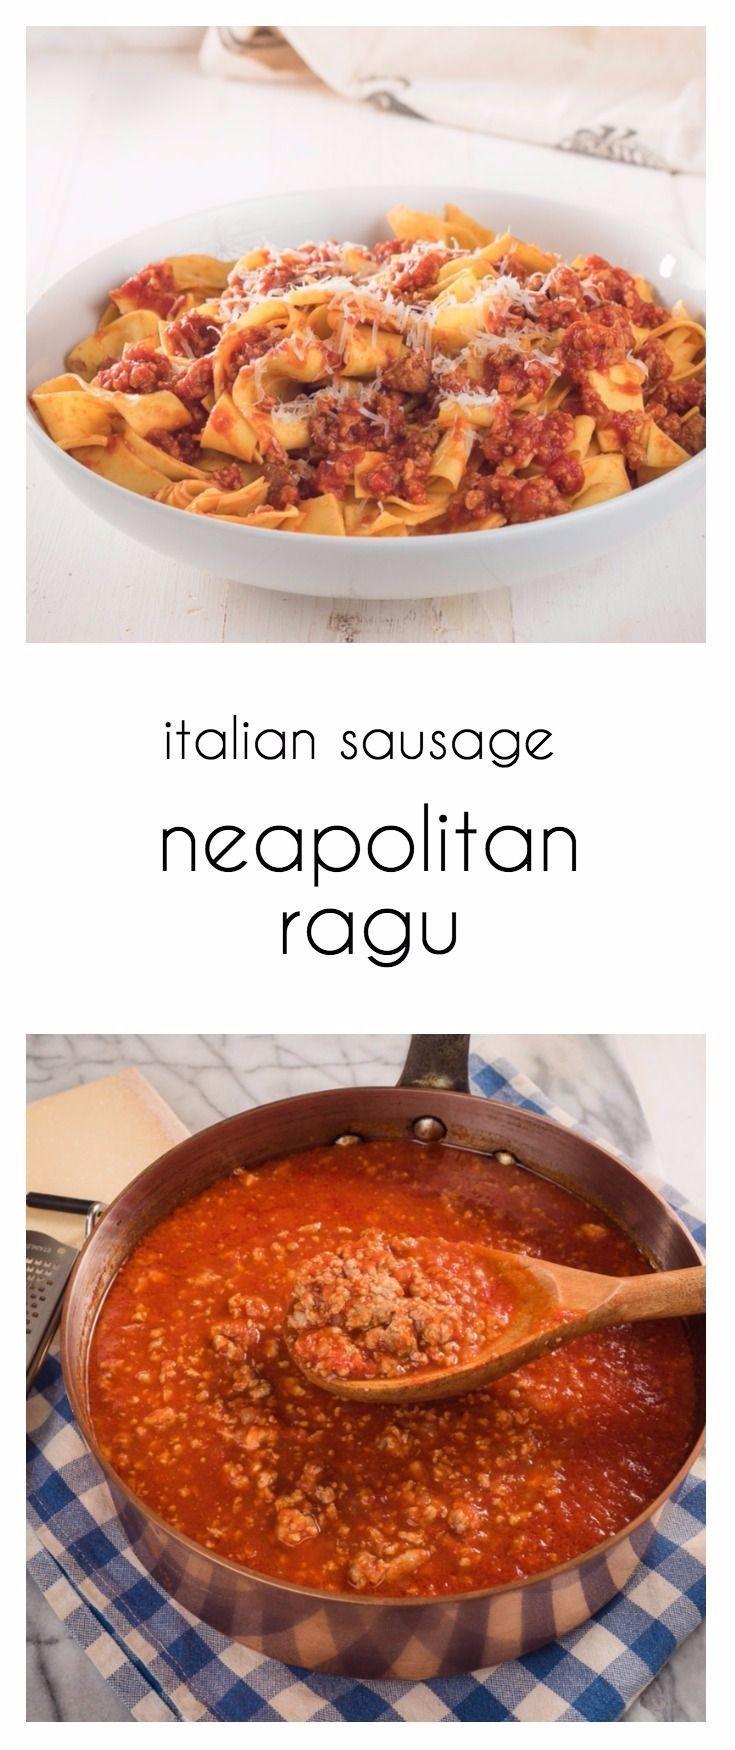 Neapolitan ragu recipe sausage recipe creator and international neapolitan ragu recipe sausage recipe creator and international recipes forumfinder Images